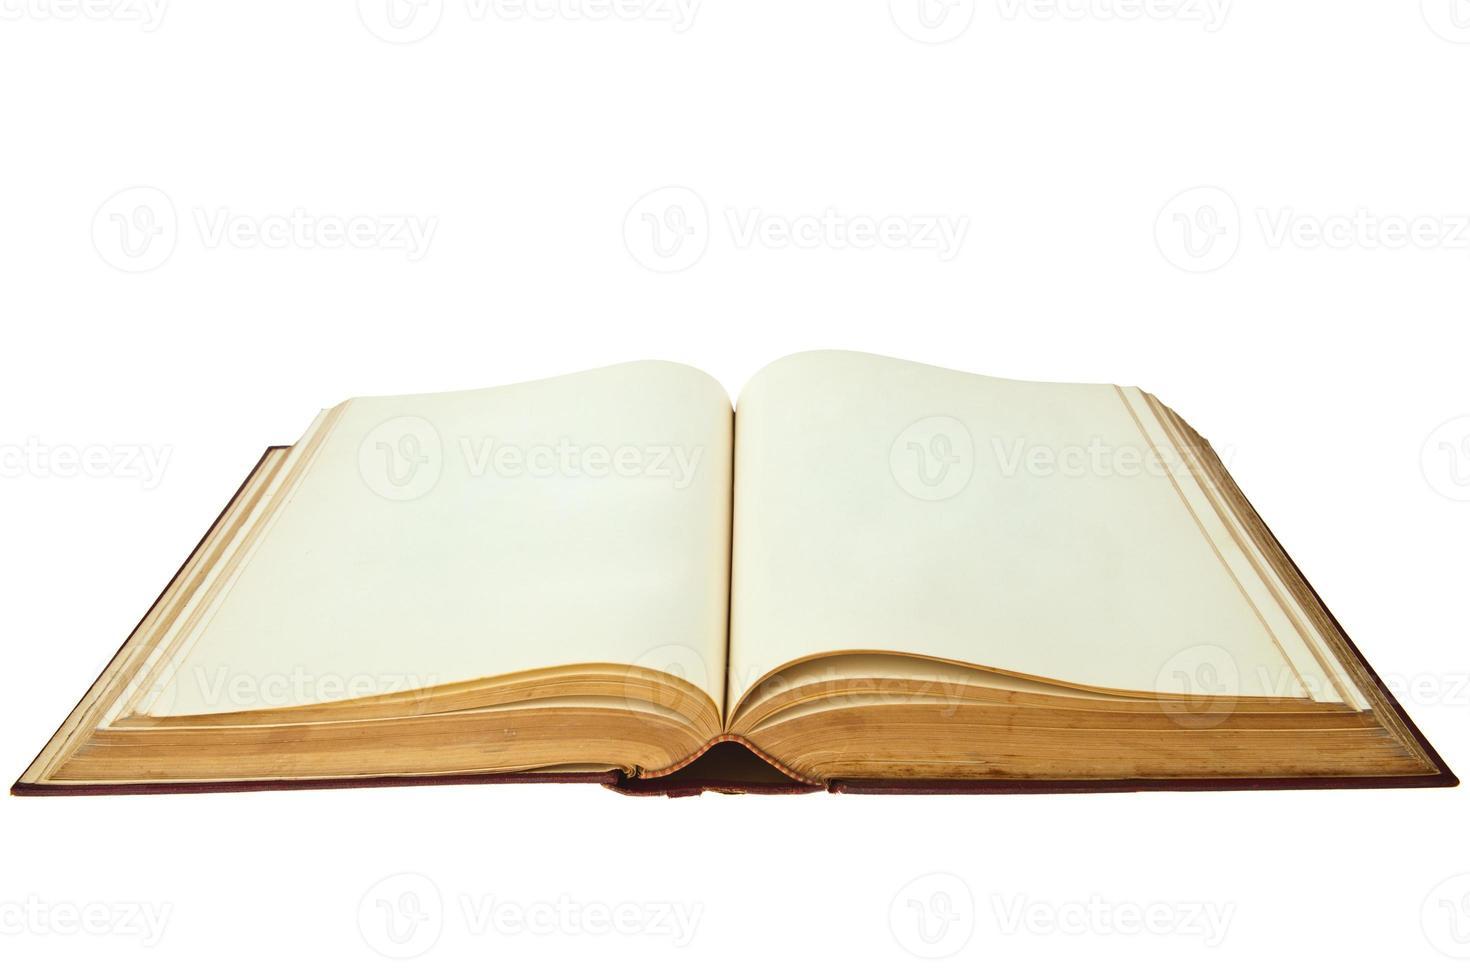 opende oud boek dat op witte achtergrond wordt geïsoleerd foto